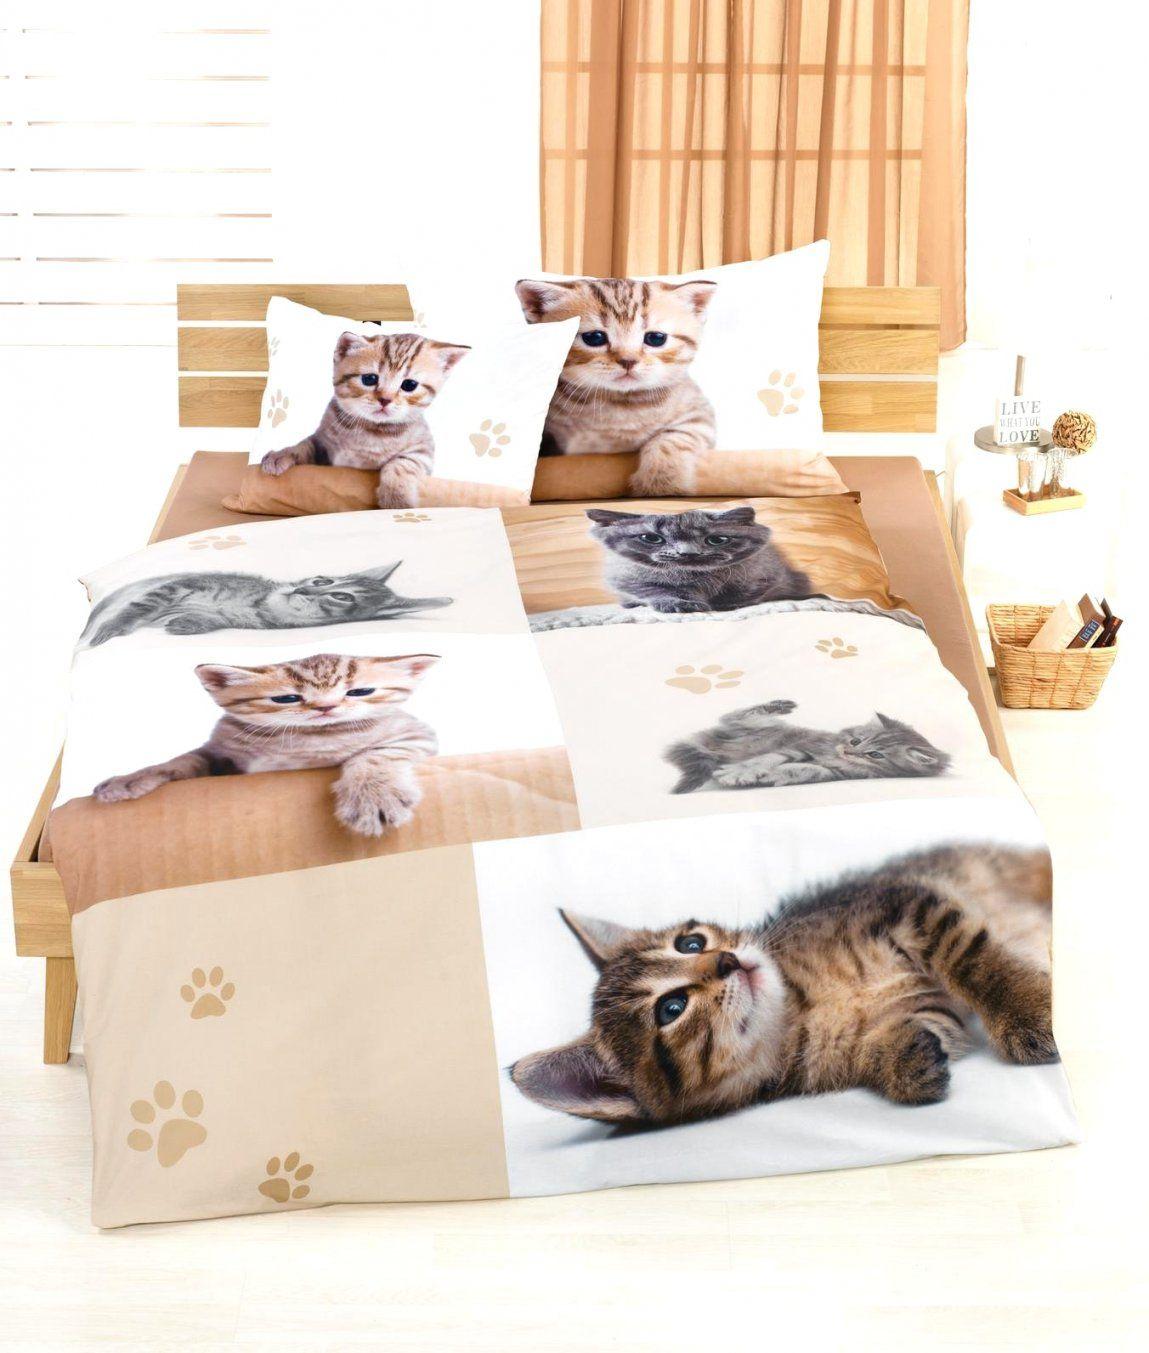 Ideen Bettwäsche Mit Tiermotiven Und Kaufen Angela Bruderer Online von Bettwäsche Mit Tiermotiven Photo